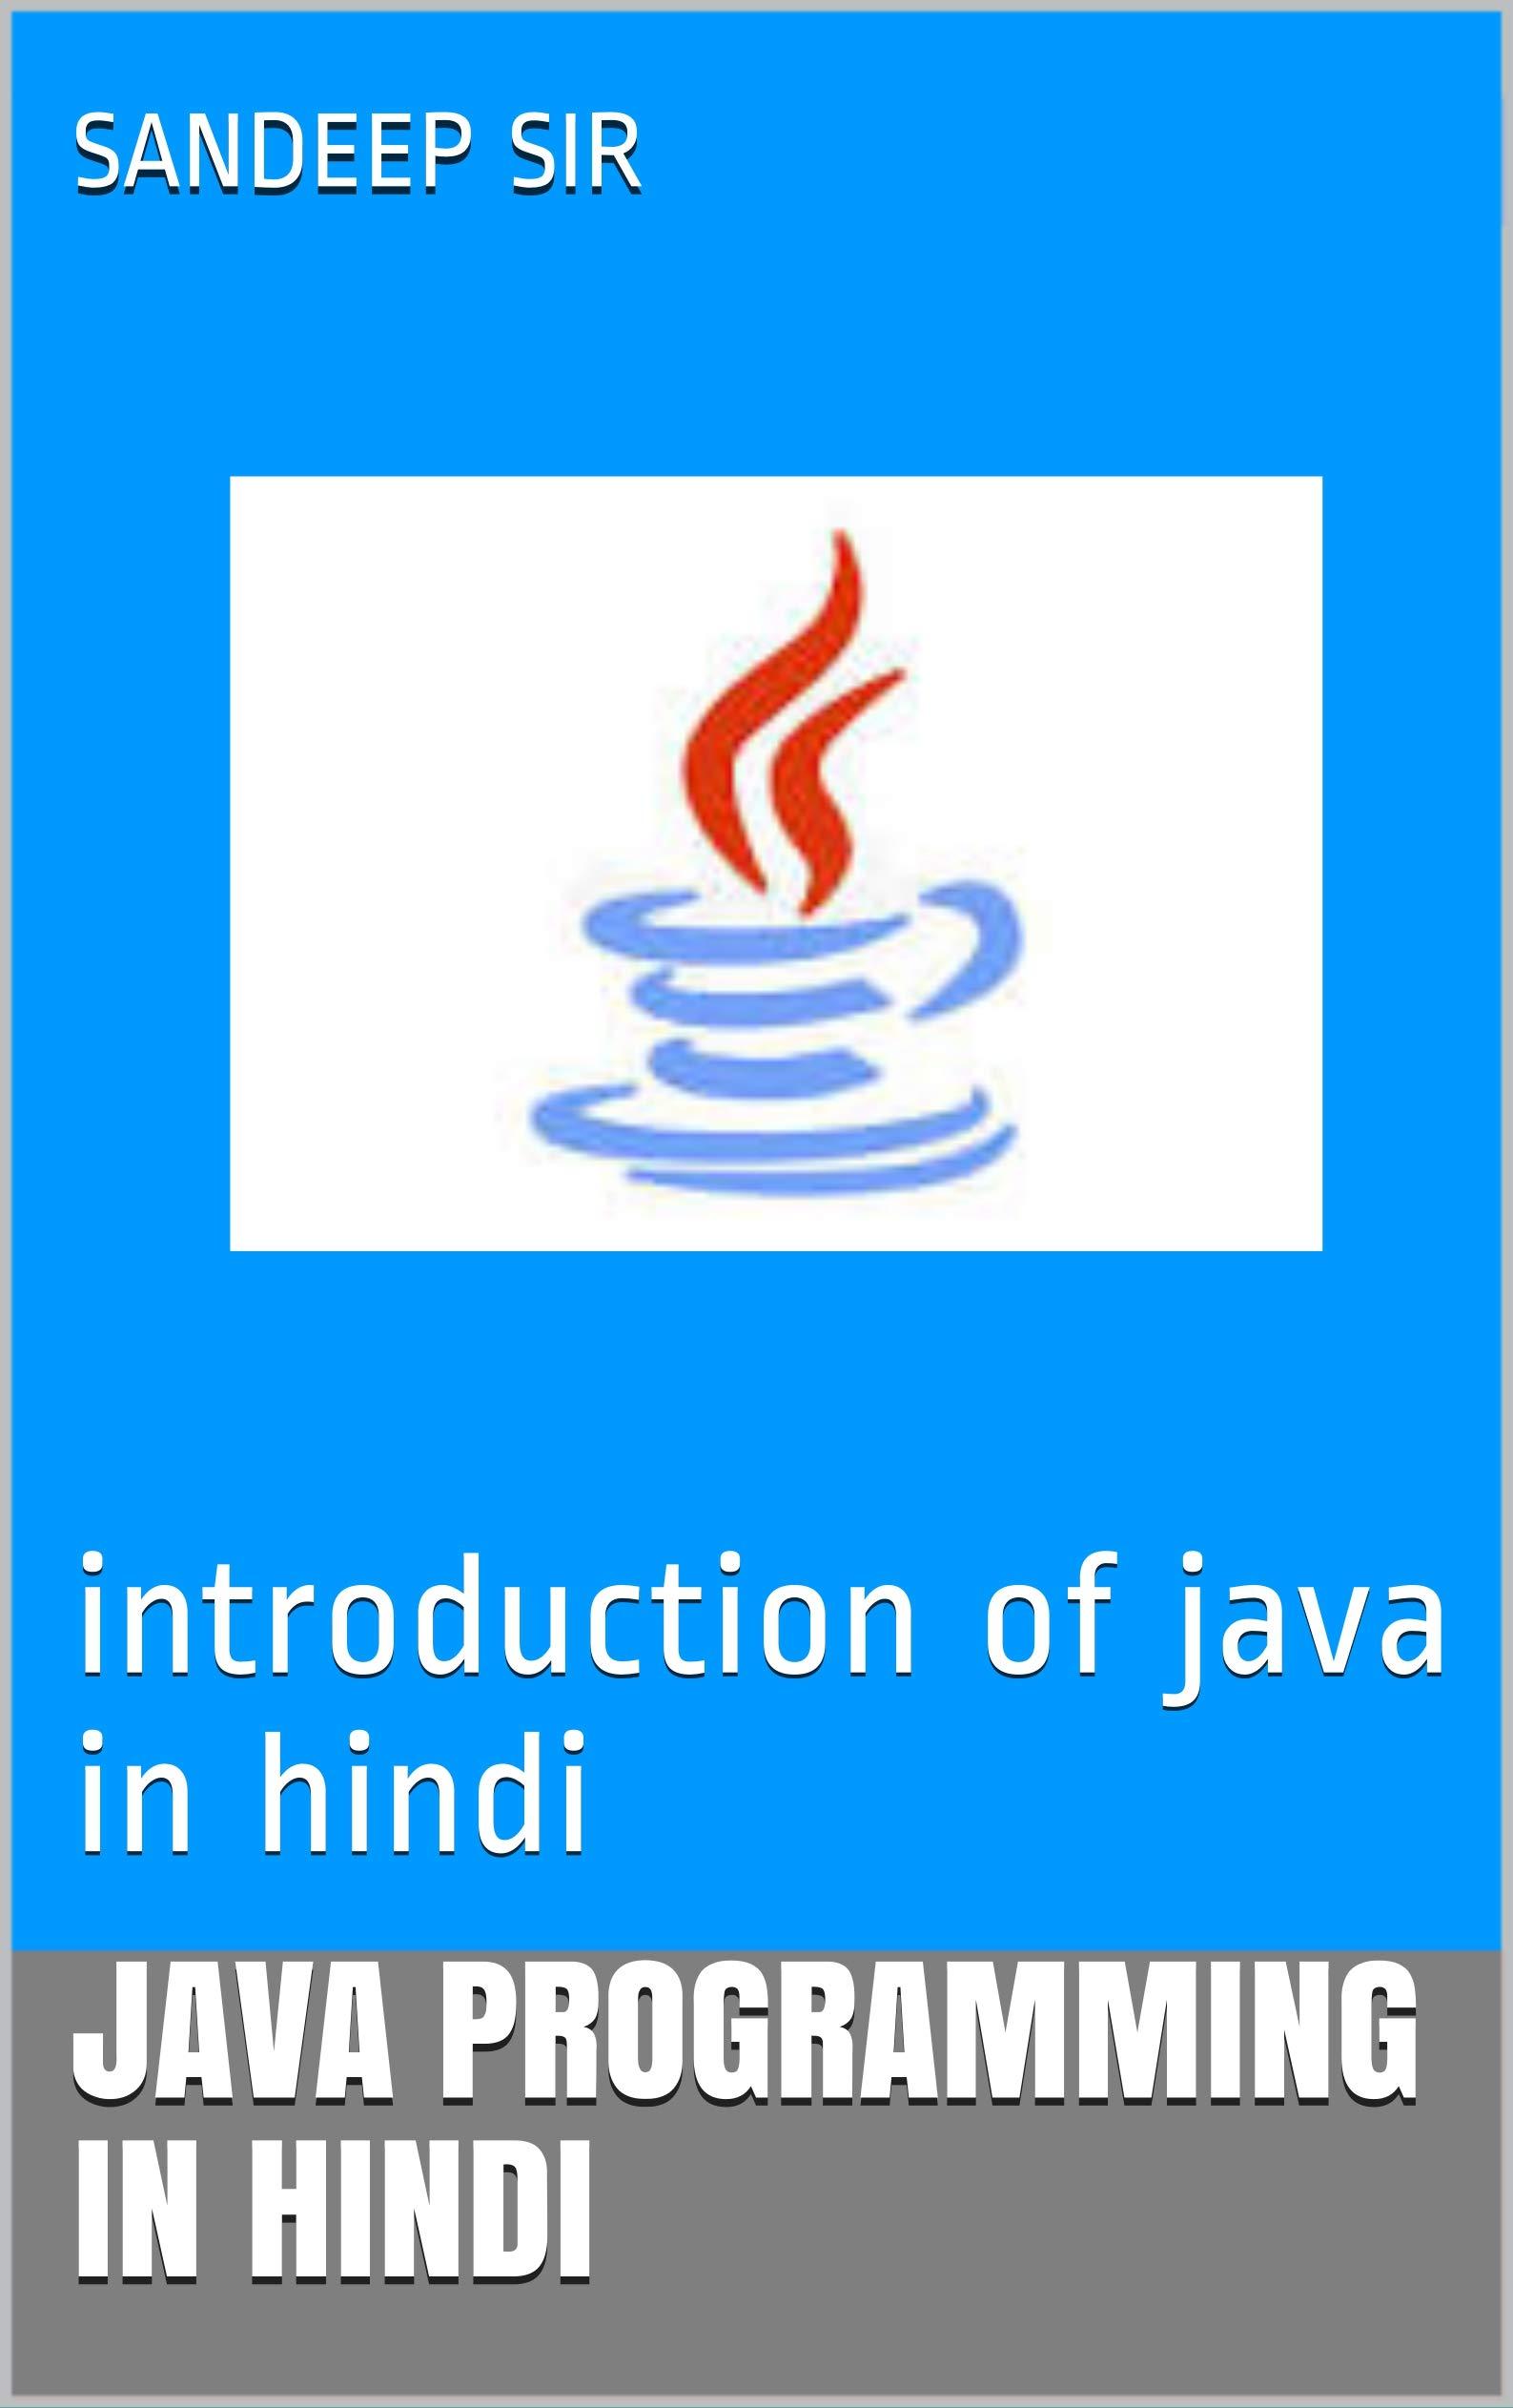 java programming in hindi: introduction of java in hindi (1)